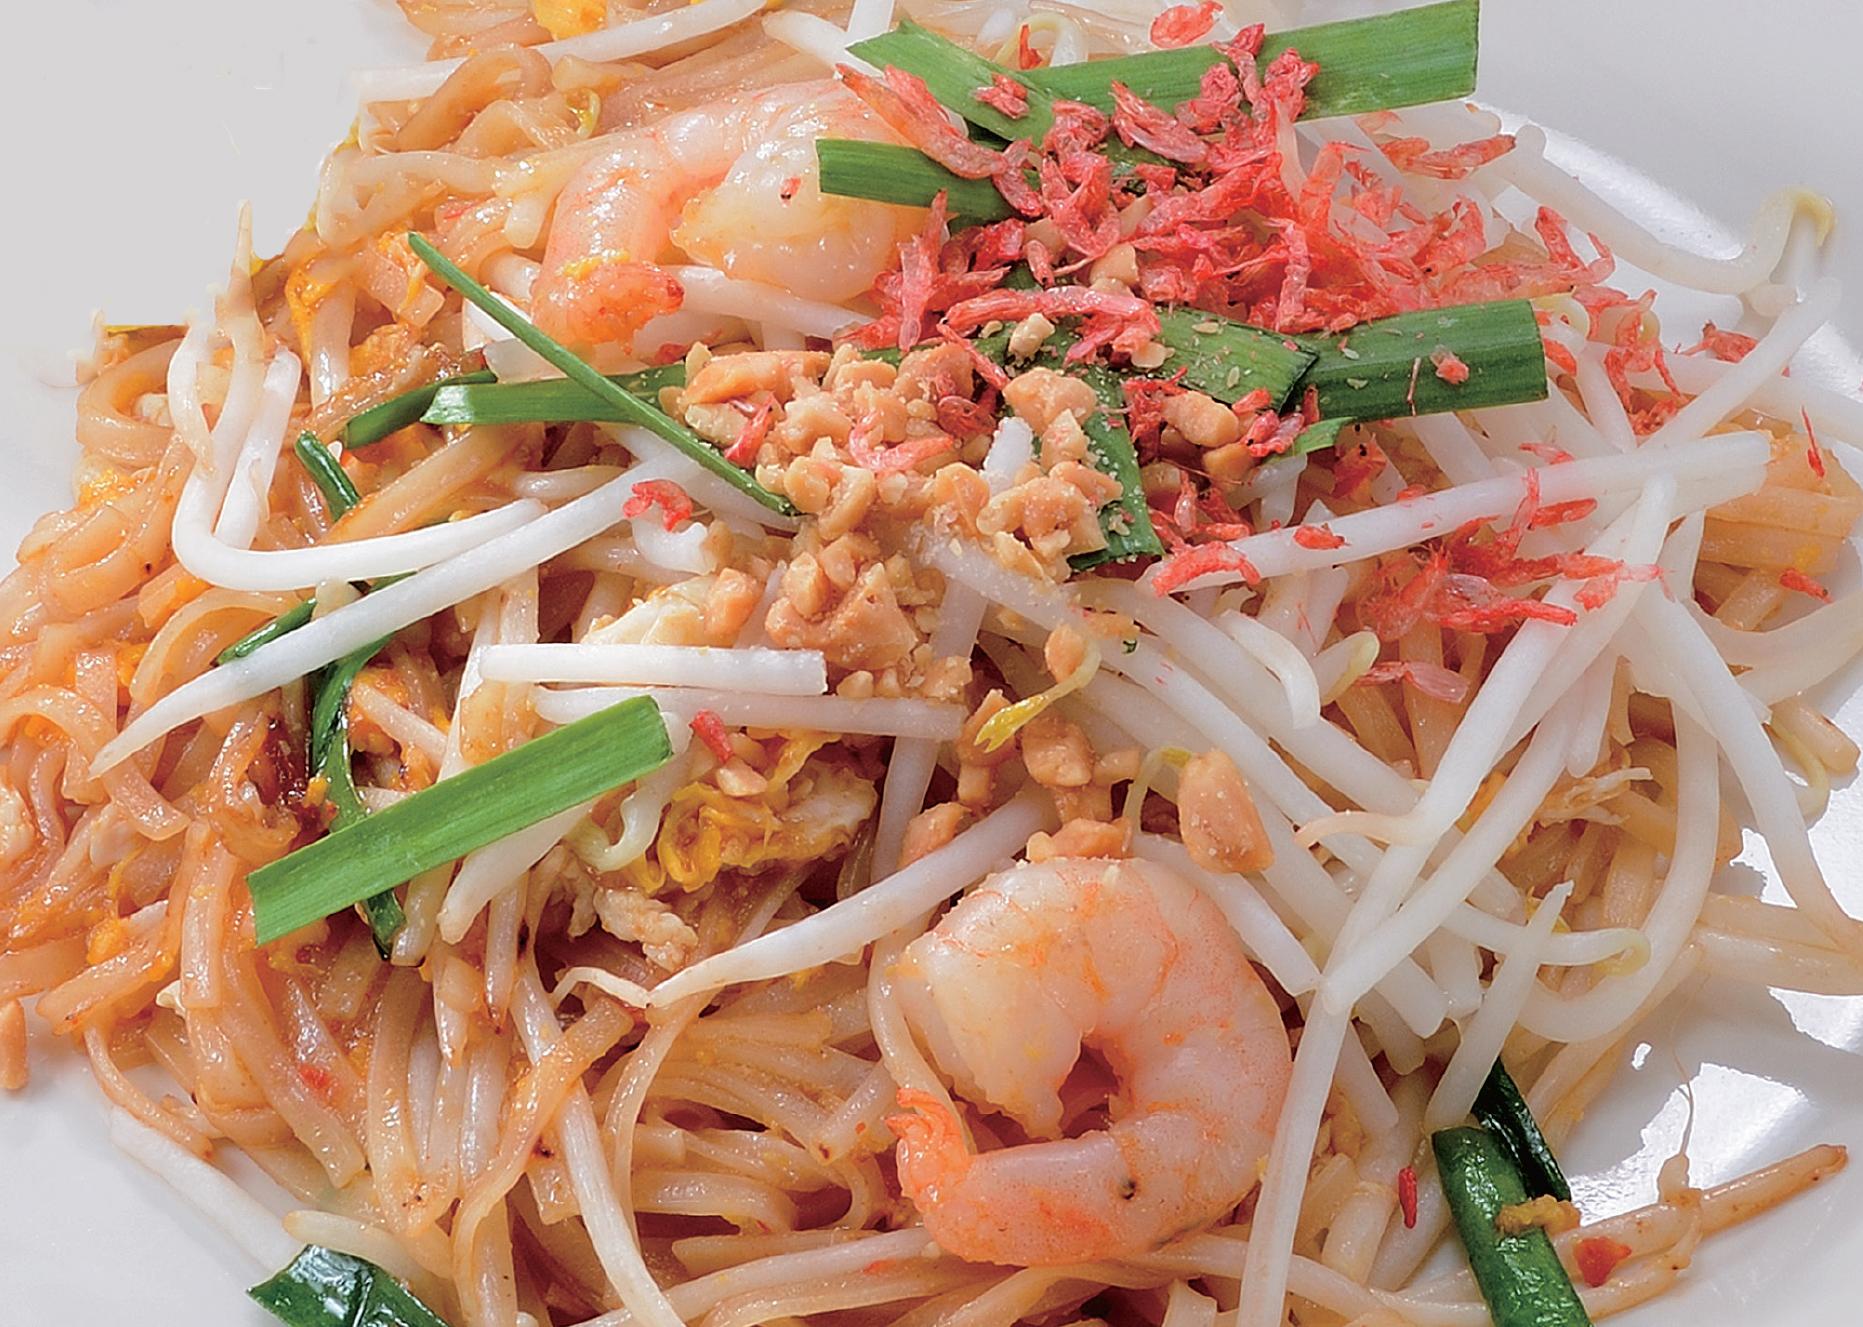 タイ屋台食堂 クルアチャオプラヤー